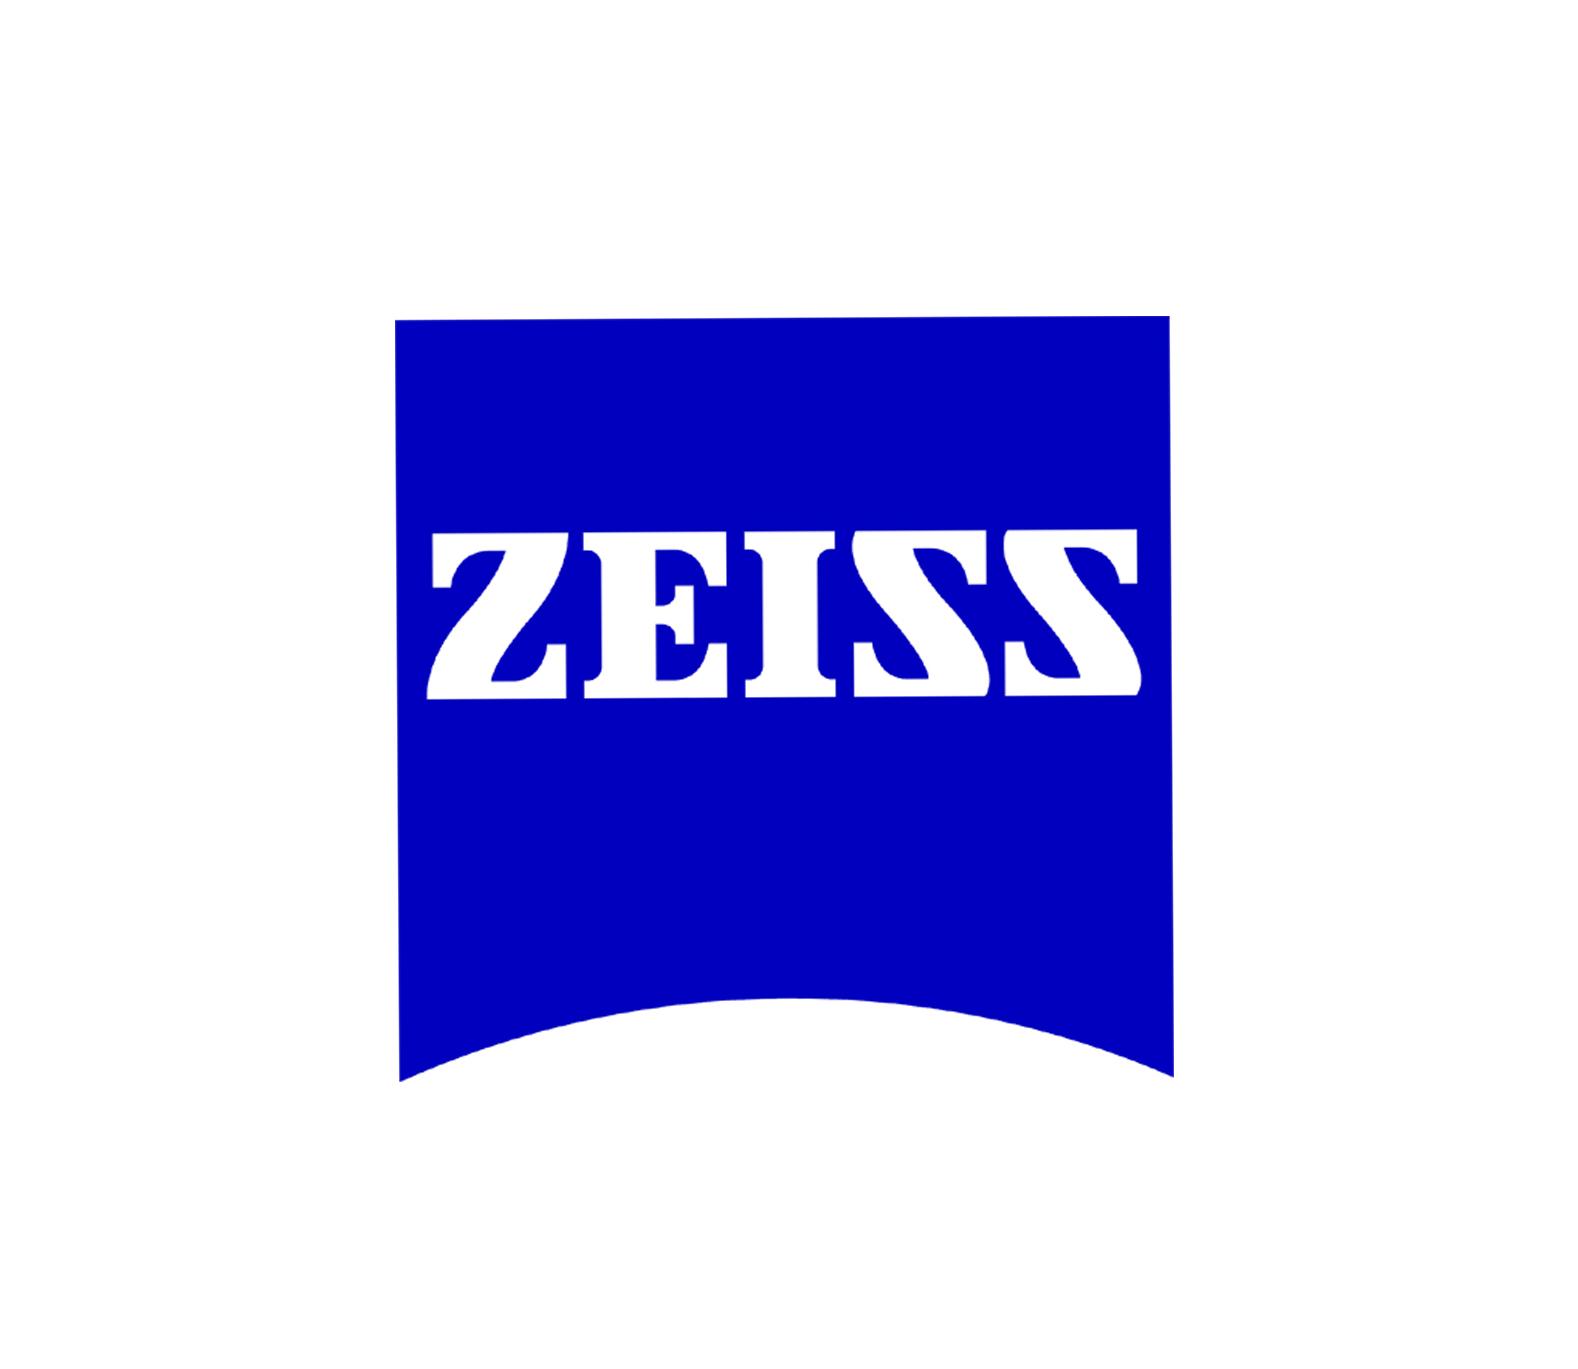 Carl Zeiss Deutschland